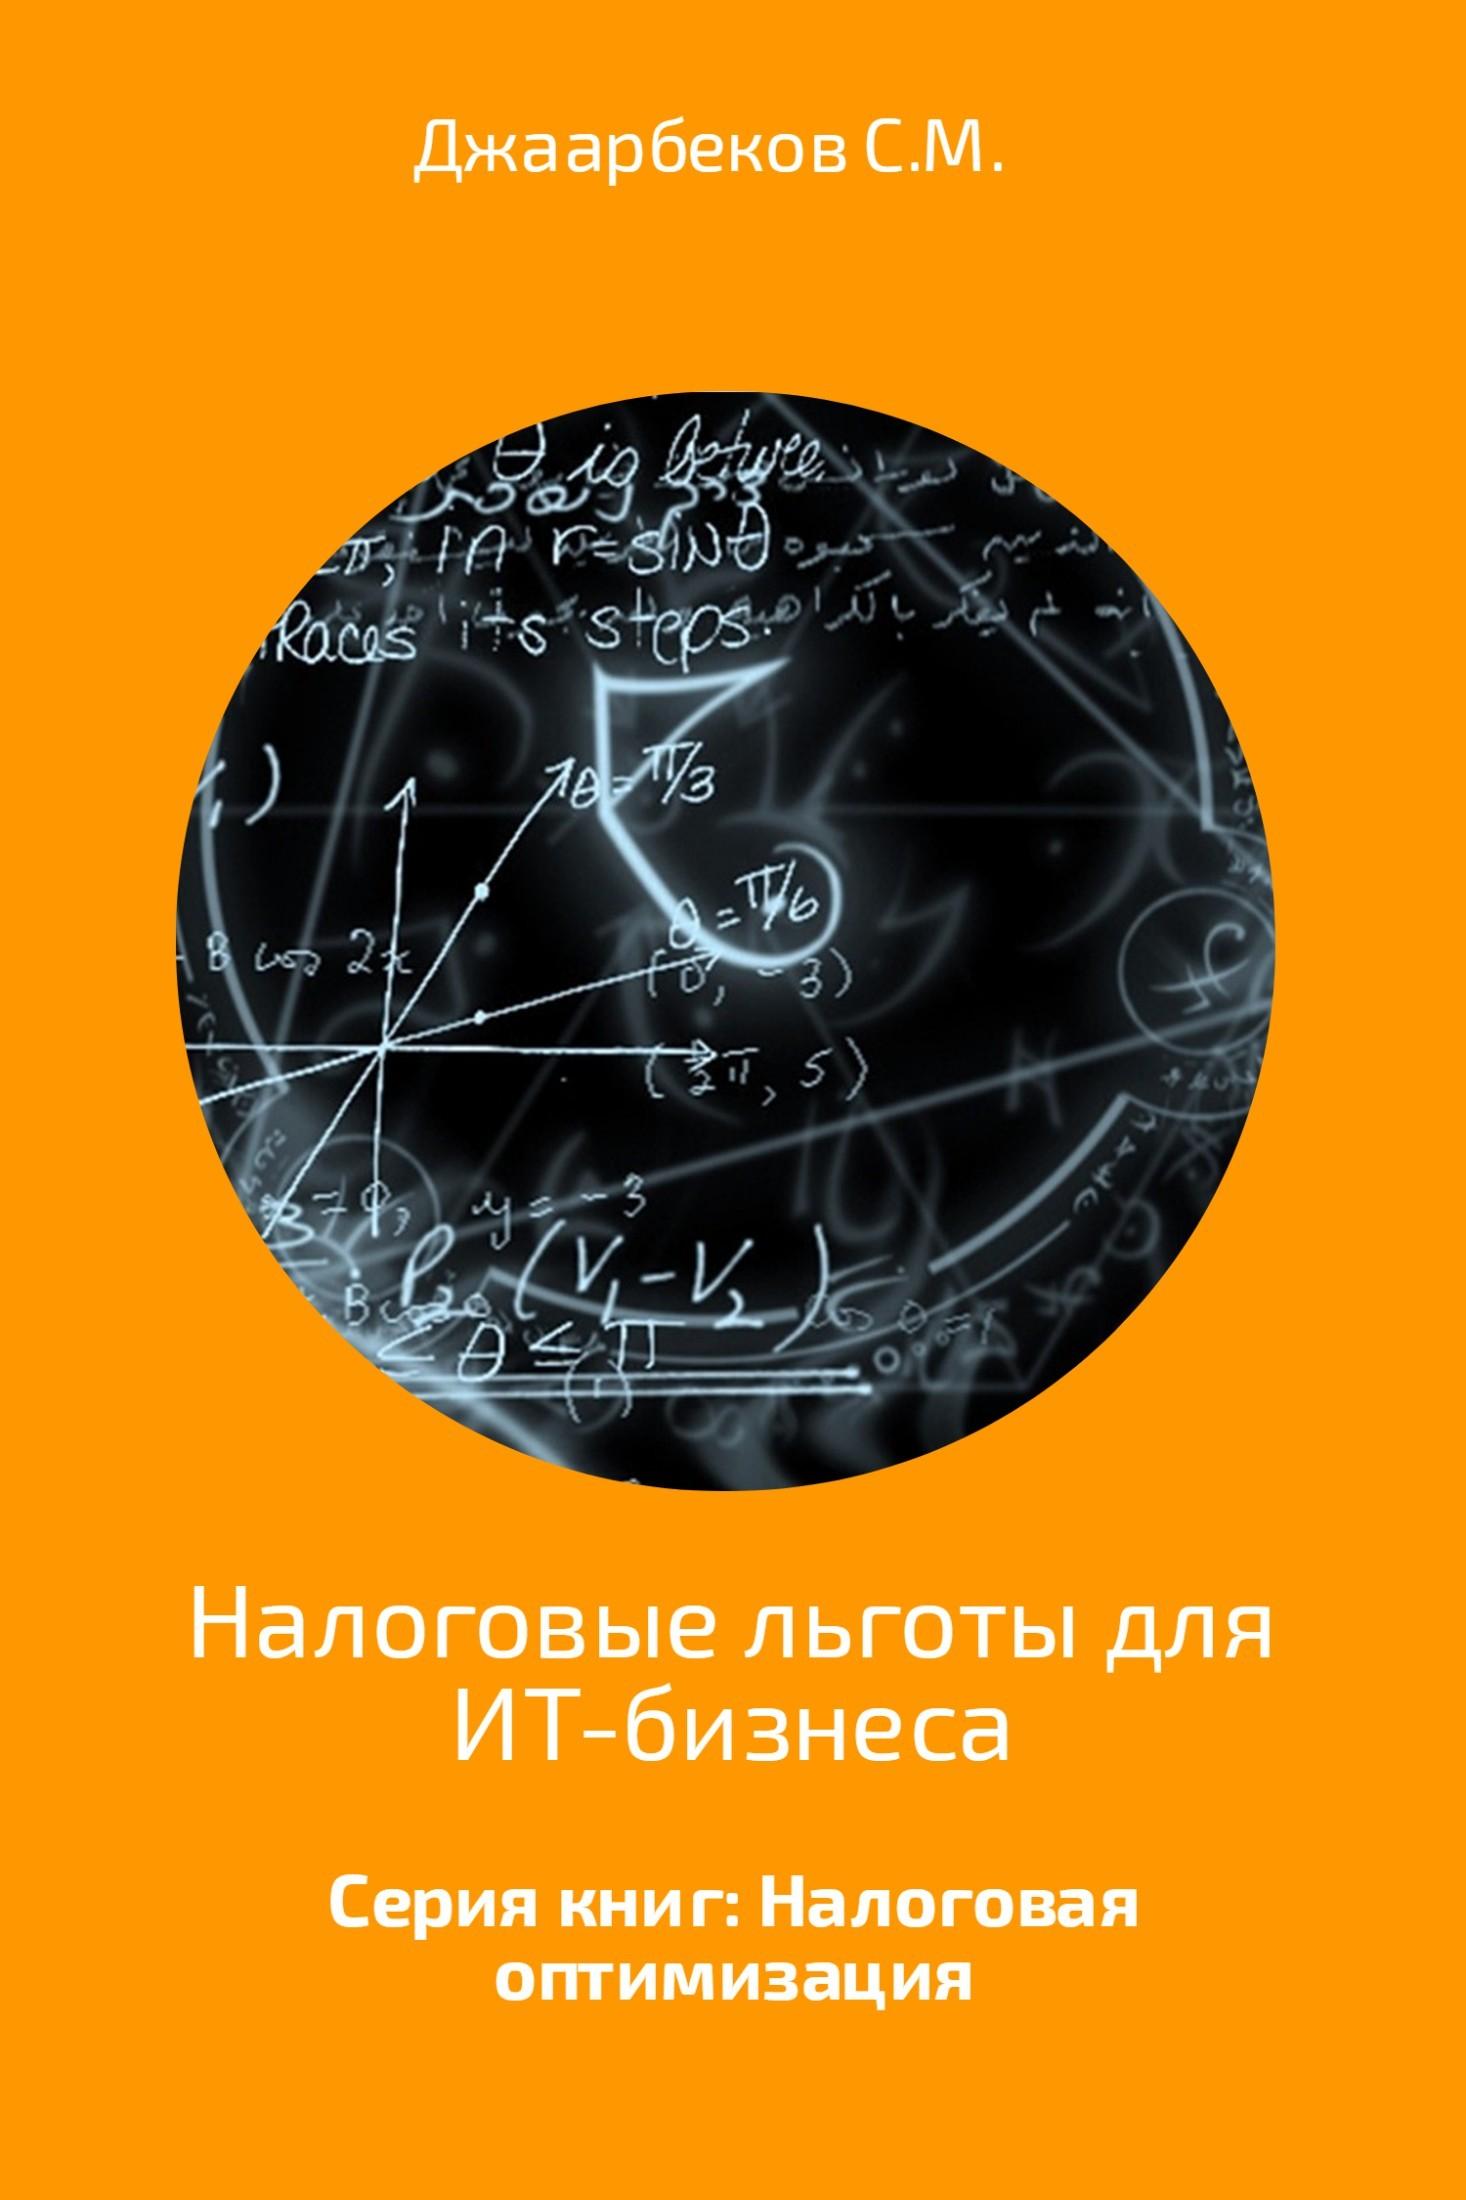 Джаарбеков Маратович - Налоговые льготы для ИТ-бизнеса